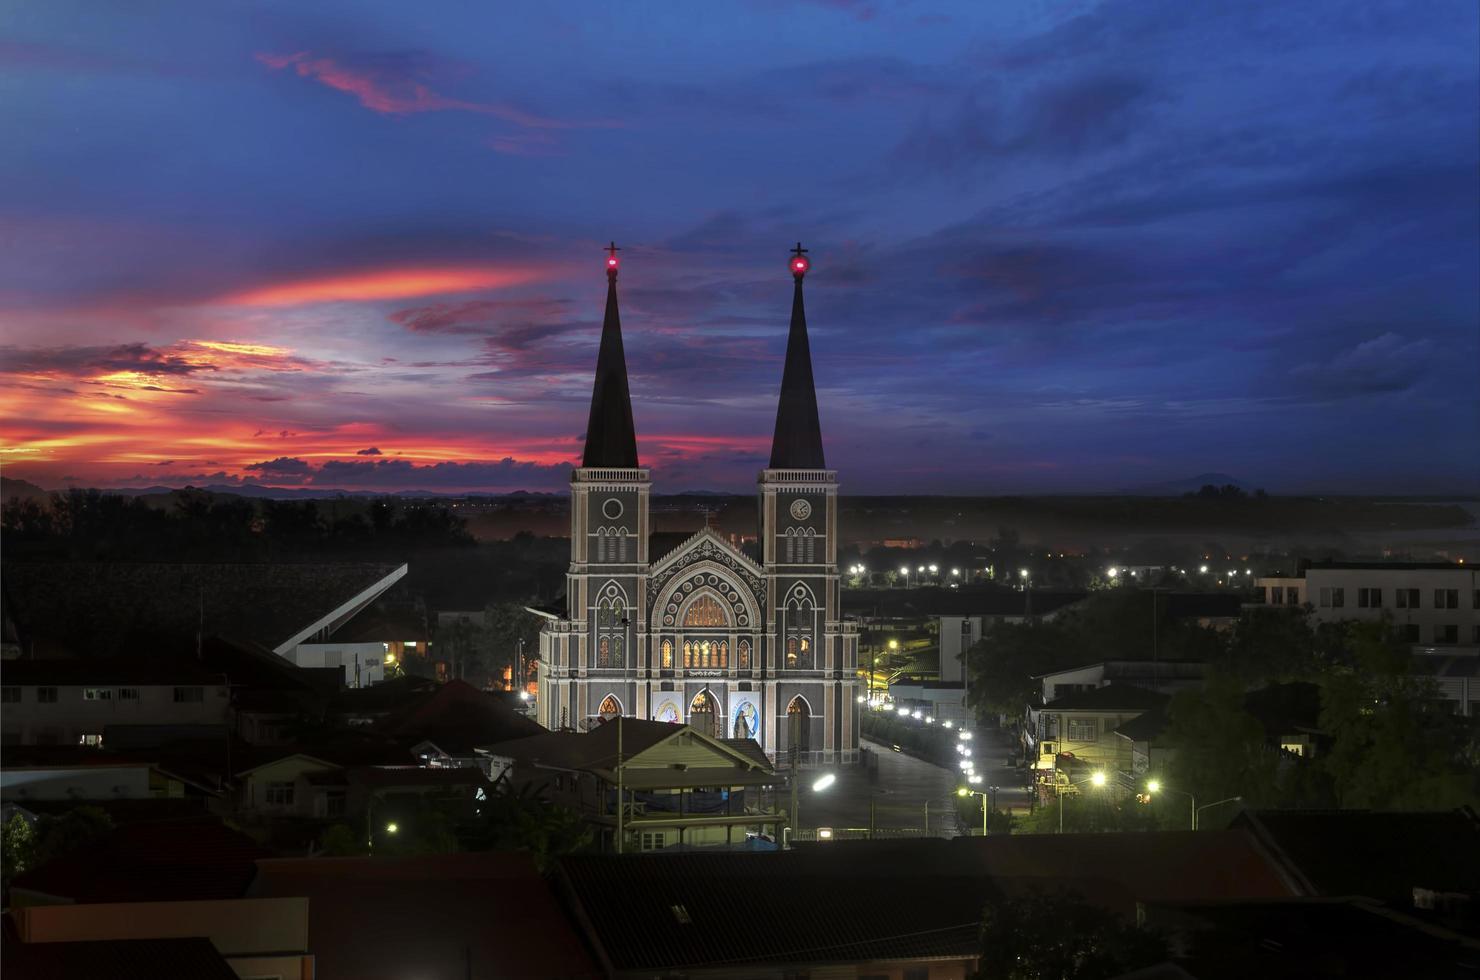 chiesa cattolica nella provincia di chantaburi, Tailandia foto